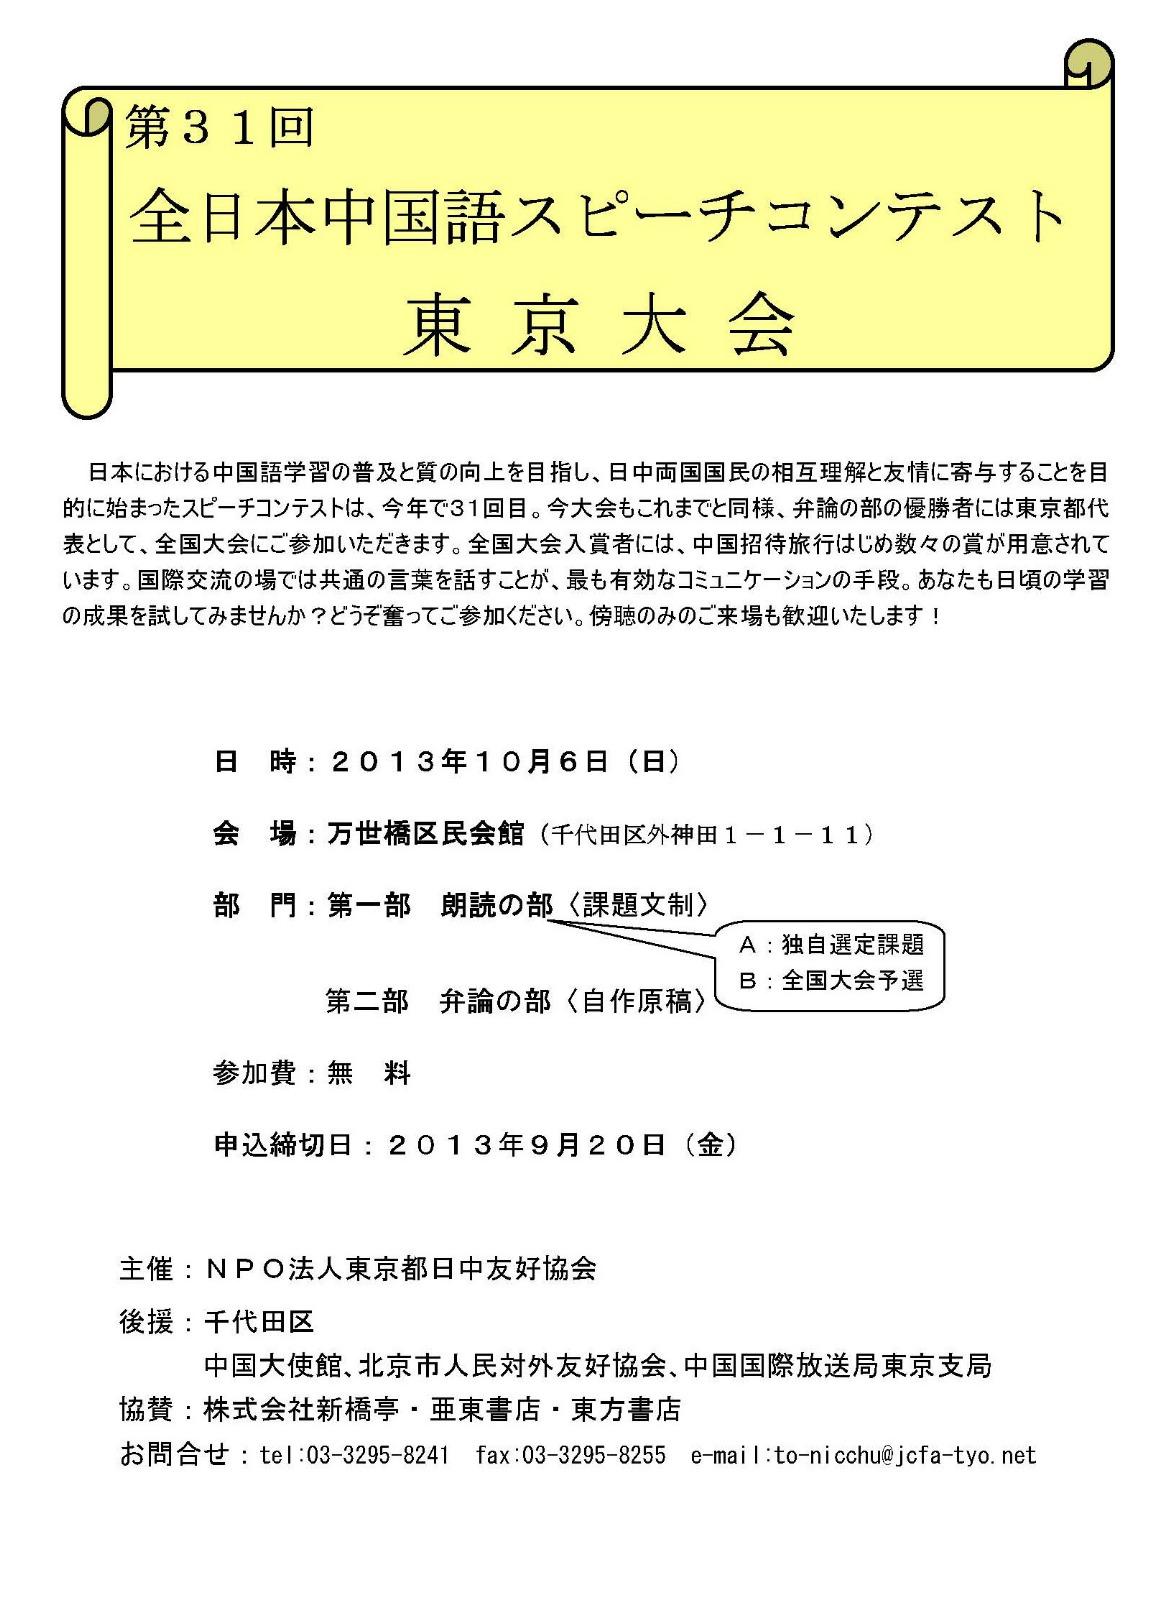 【終了しました】 中国語スピーチコンテス ト2013 昨年受賞者スピーチ掲載しました